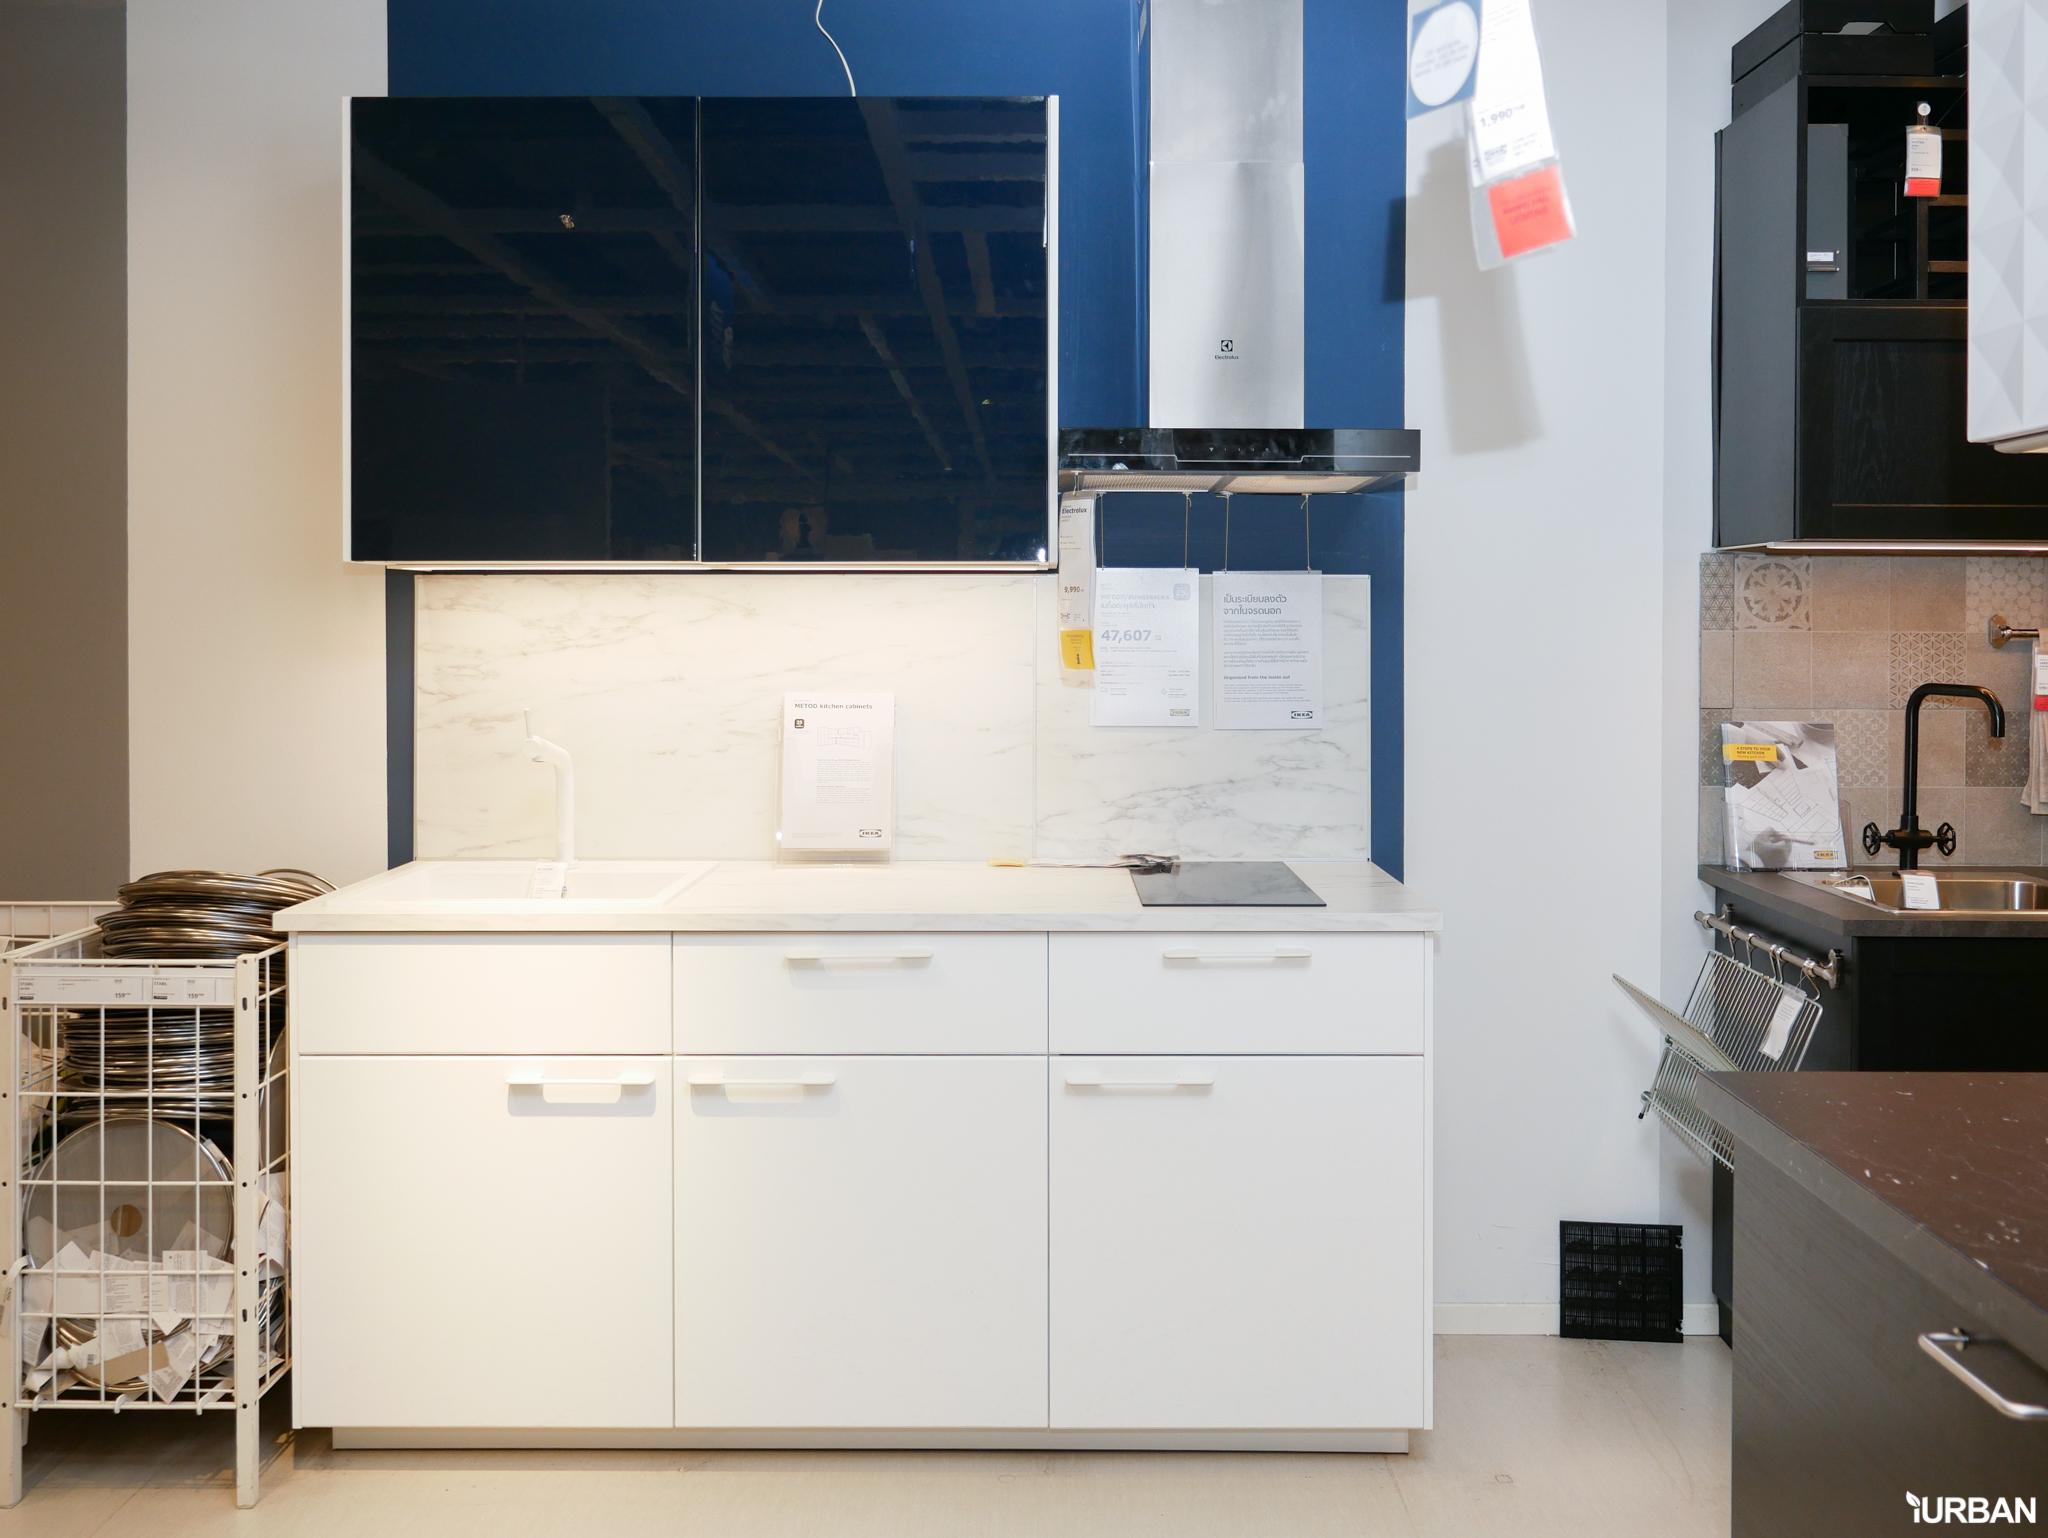 9 เหตุผลที่คนเลือกชุดครัวอิเกีย และโอกาสที่จะมีครัวในฝัน IKEA METOD/เมท็อด โปรนี้ดีที่สุดแล้ว #ถึง17มีนา 30 - IKEA (อิเกีย)